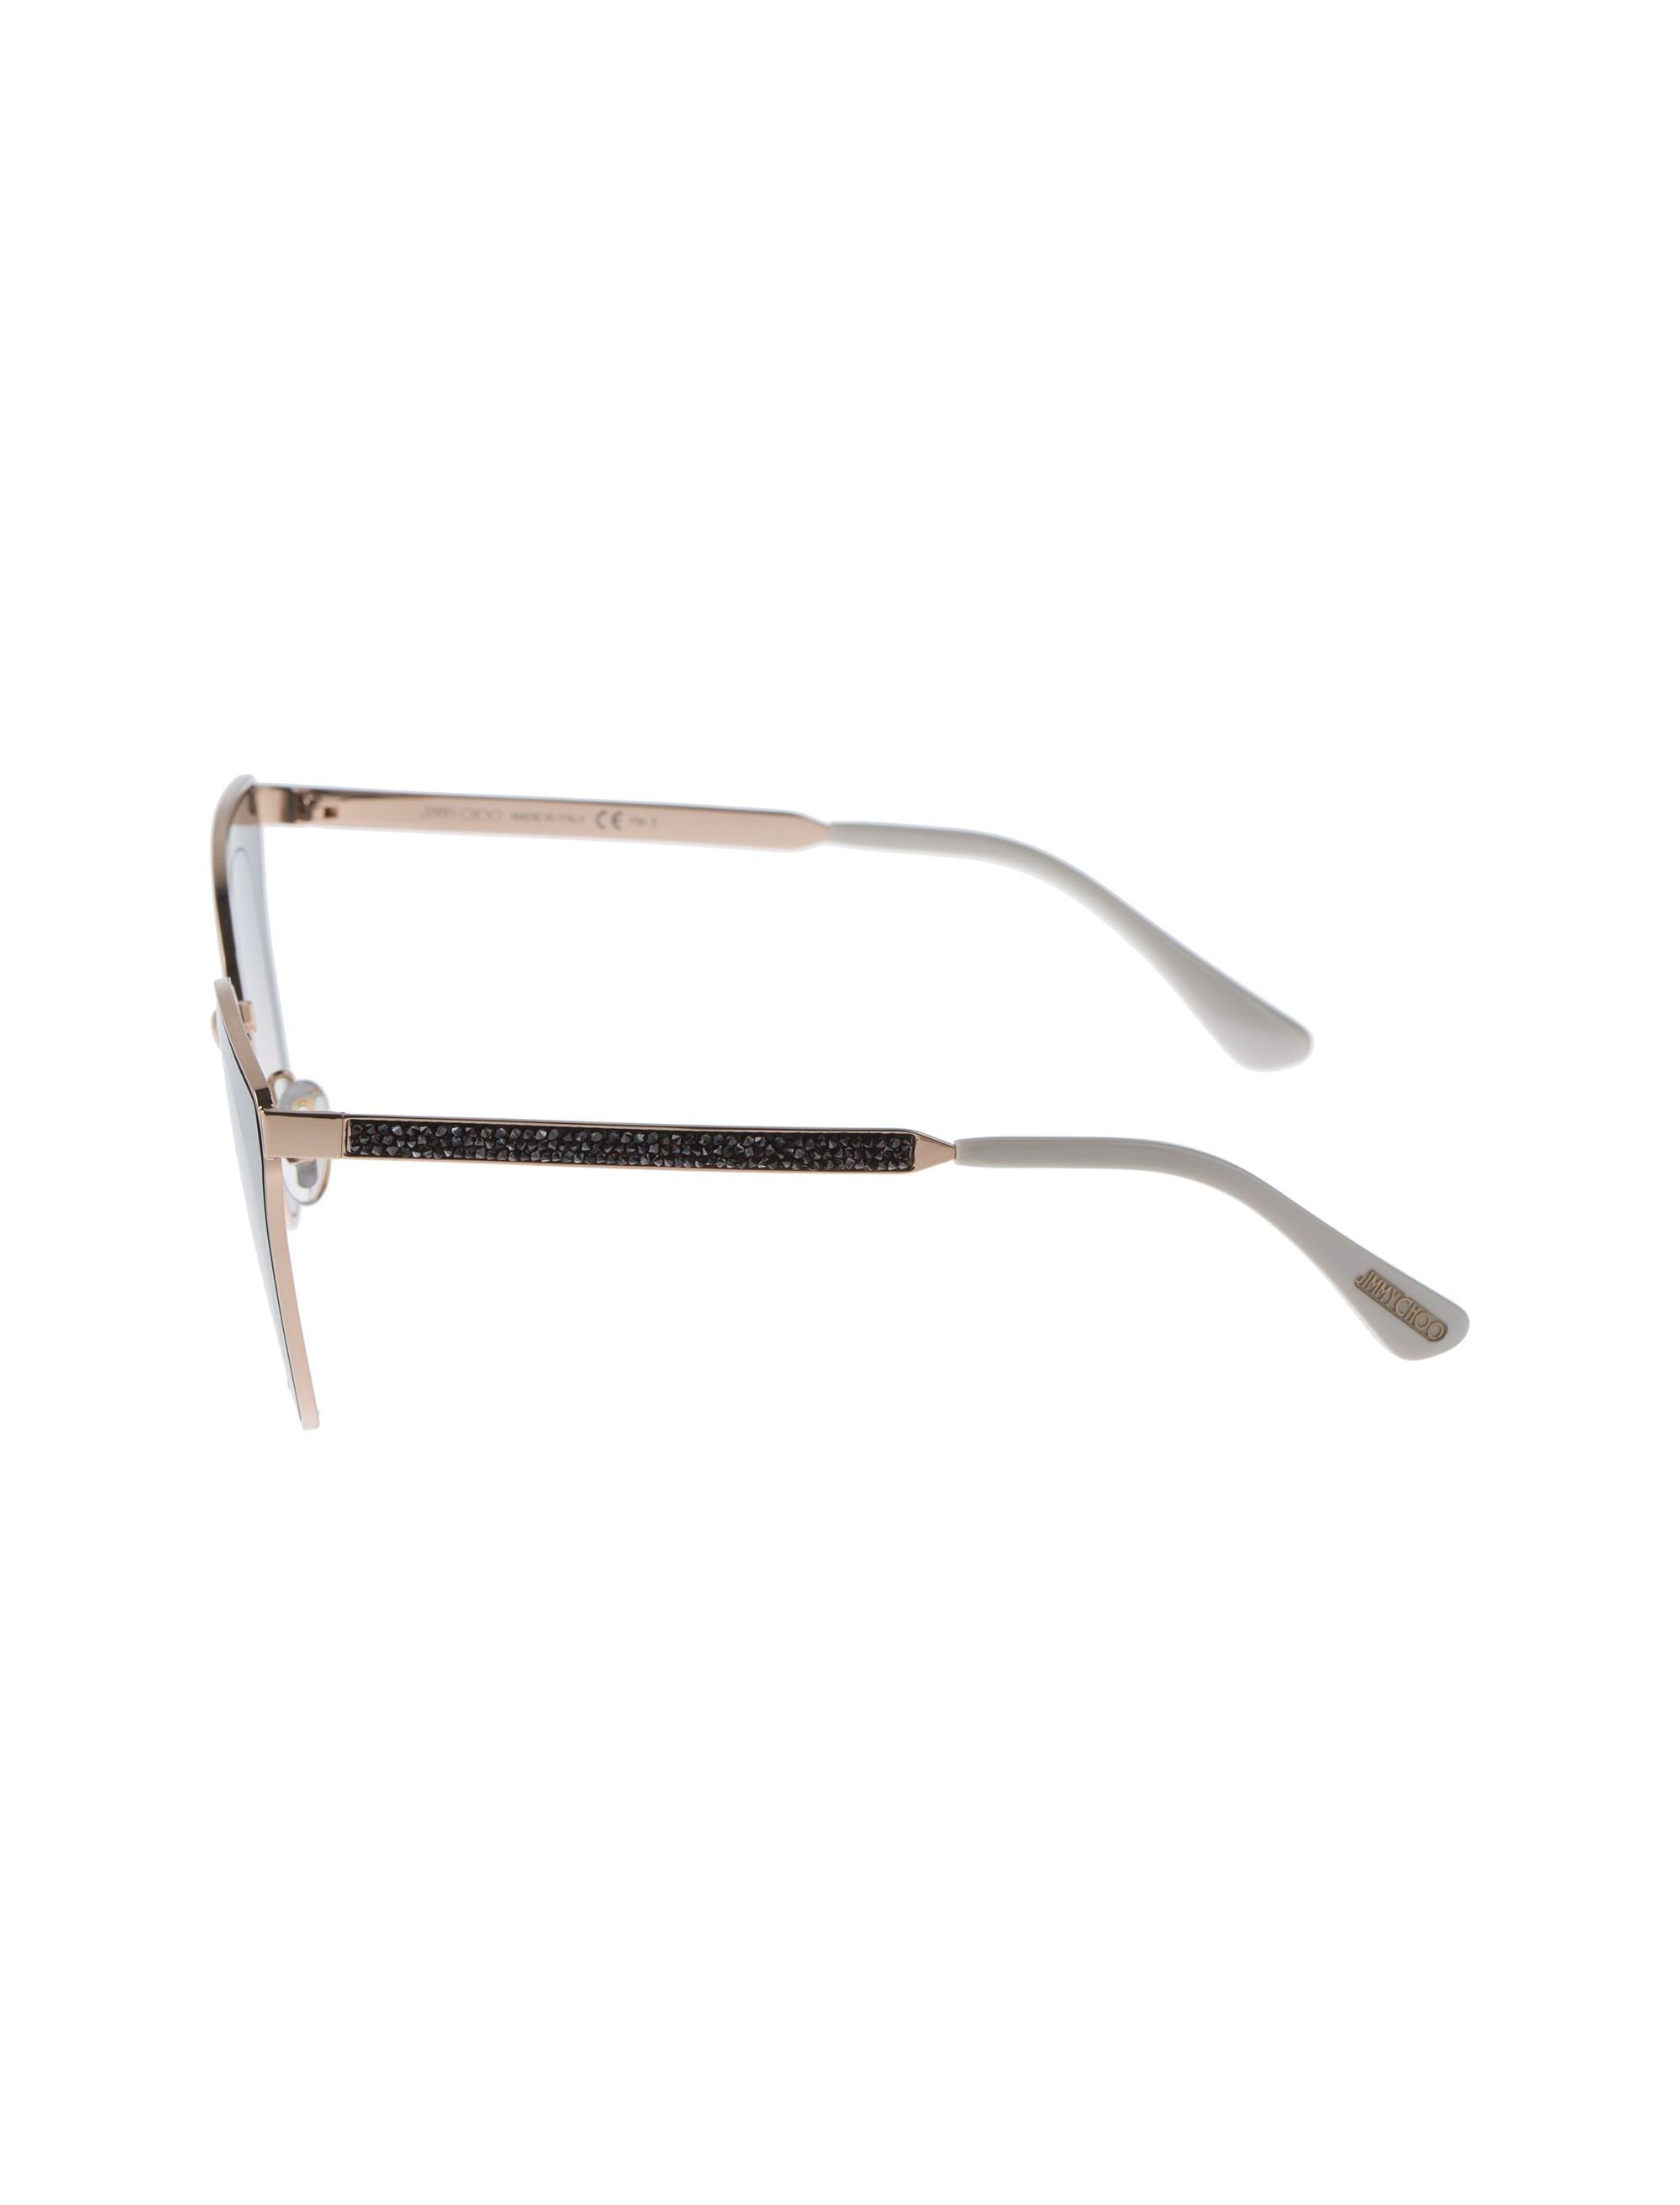 عینک آفتابی گربه ای زنانه - جیمی چو